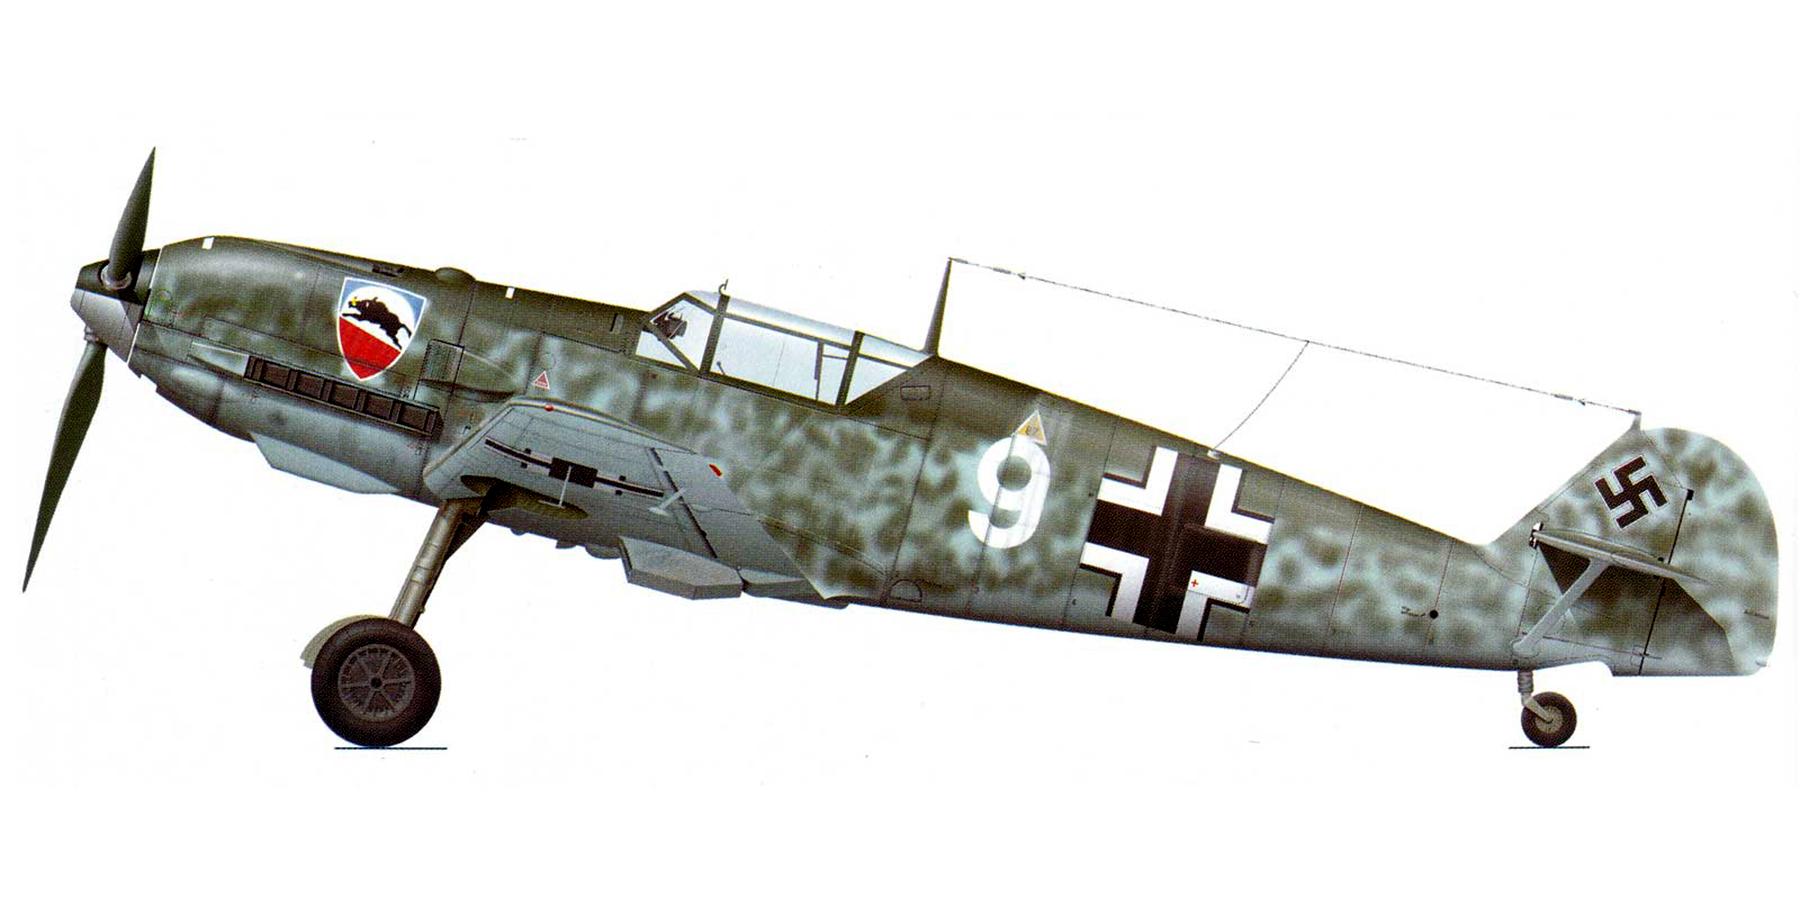 Messerschmitt Bf 109E1 1.JG52 White 9 Herbert Bischoff forced landed near Kent 24th Aug 1940 0A